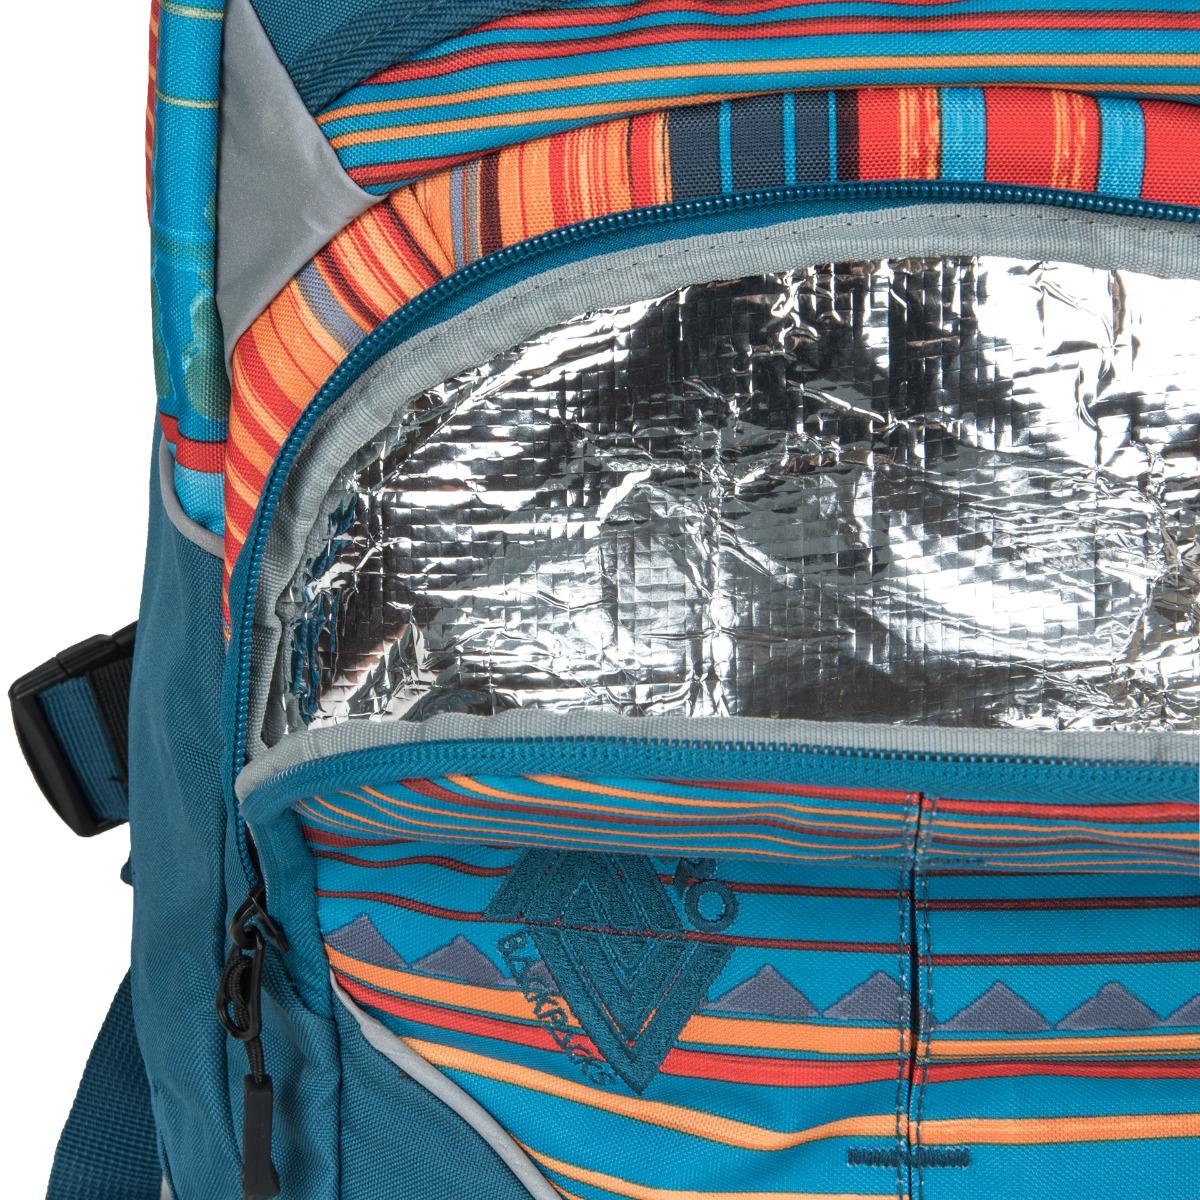 Nitro Superhero Canyon Superhrdinovia nerobia kompromisy!  - priedušná a ergonomicky tvarovaná chrbtová časť - dve hlavné vrecká - vnútri praktický organizér - bočné vrecko na fľašu - špeciálne upravené predné vrecko, v ktorej si olovrant dlhšie udrží optimálnu teplotu - pevné a stabilné dno - odnímateľný bedrový pás - nastaviteľný hrudný pás - reflexné prvky